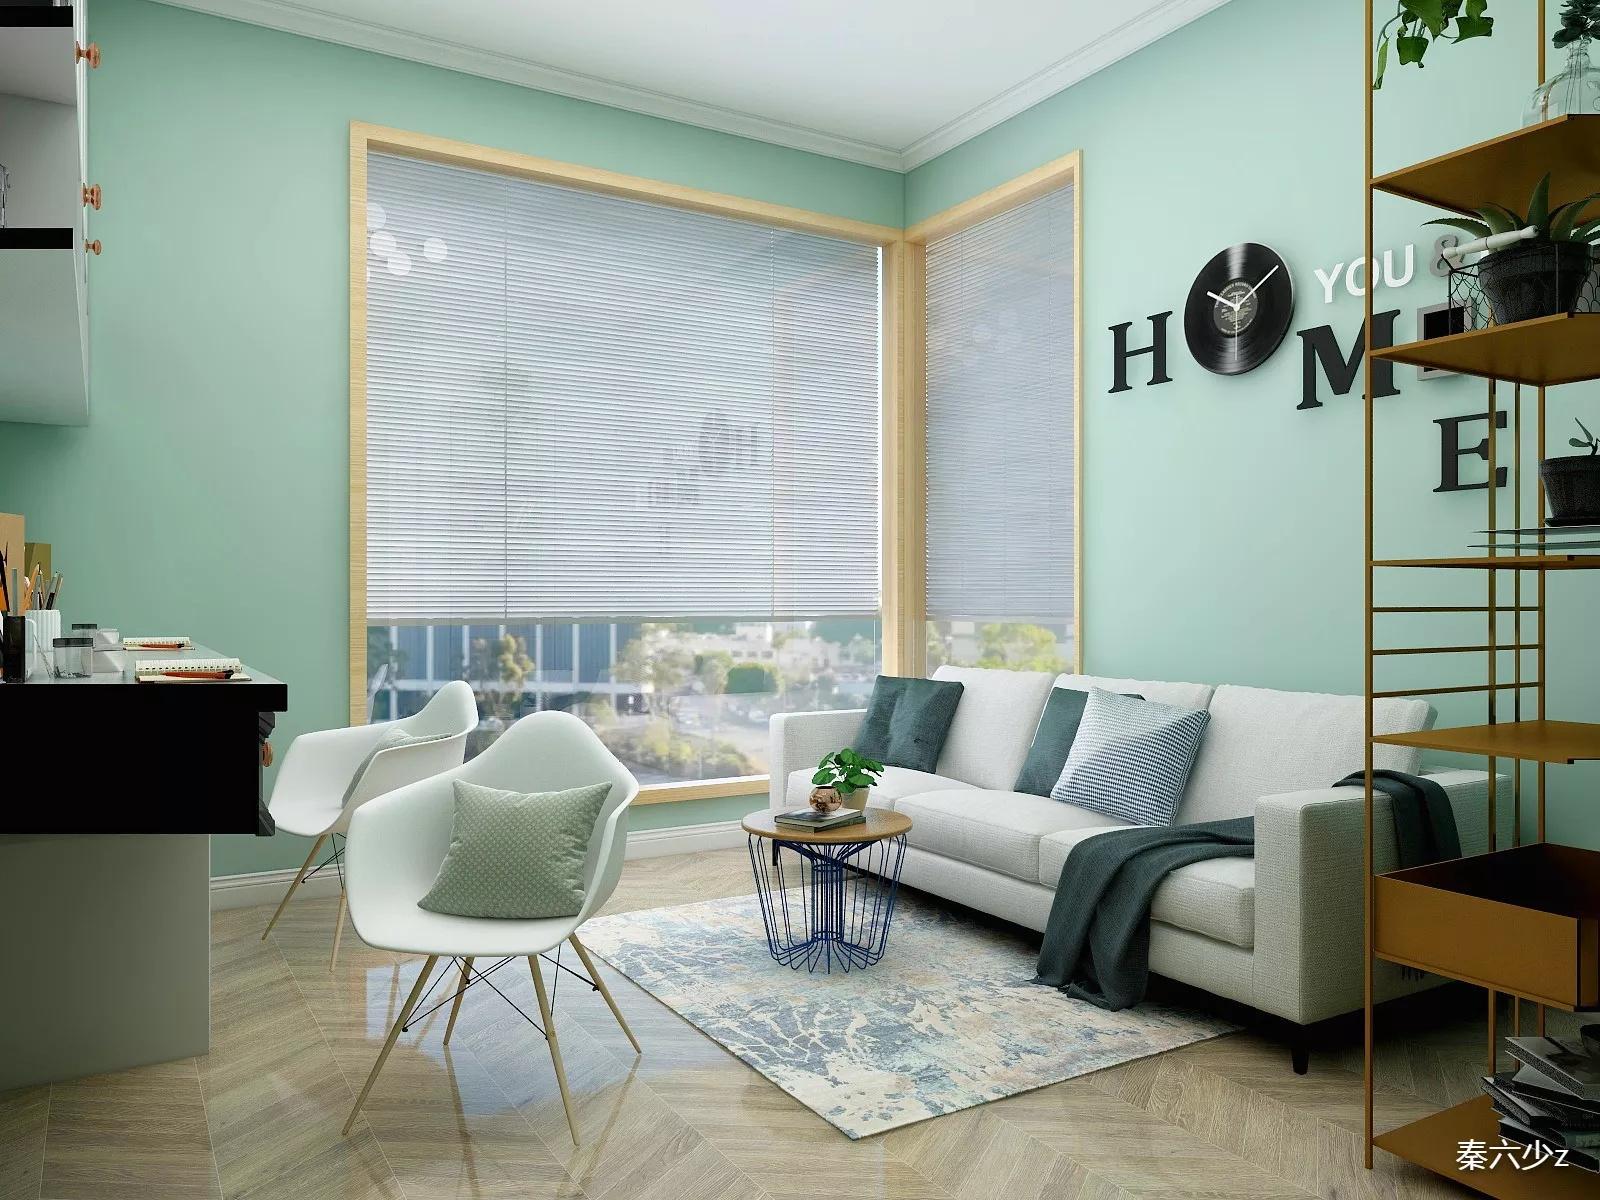 法式风格卧室设计风格 法式风格卧室选择技巧